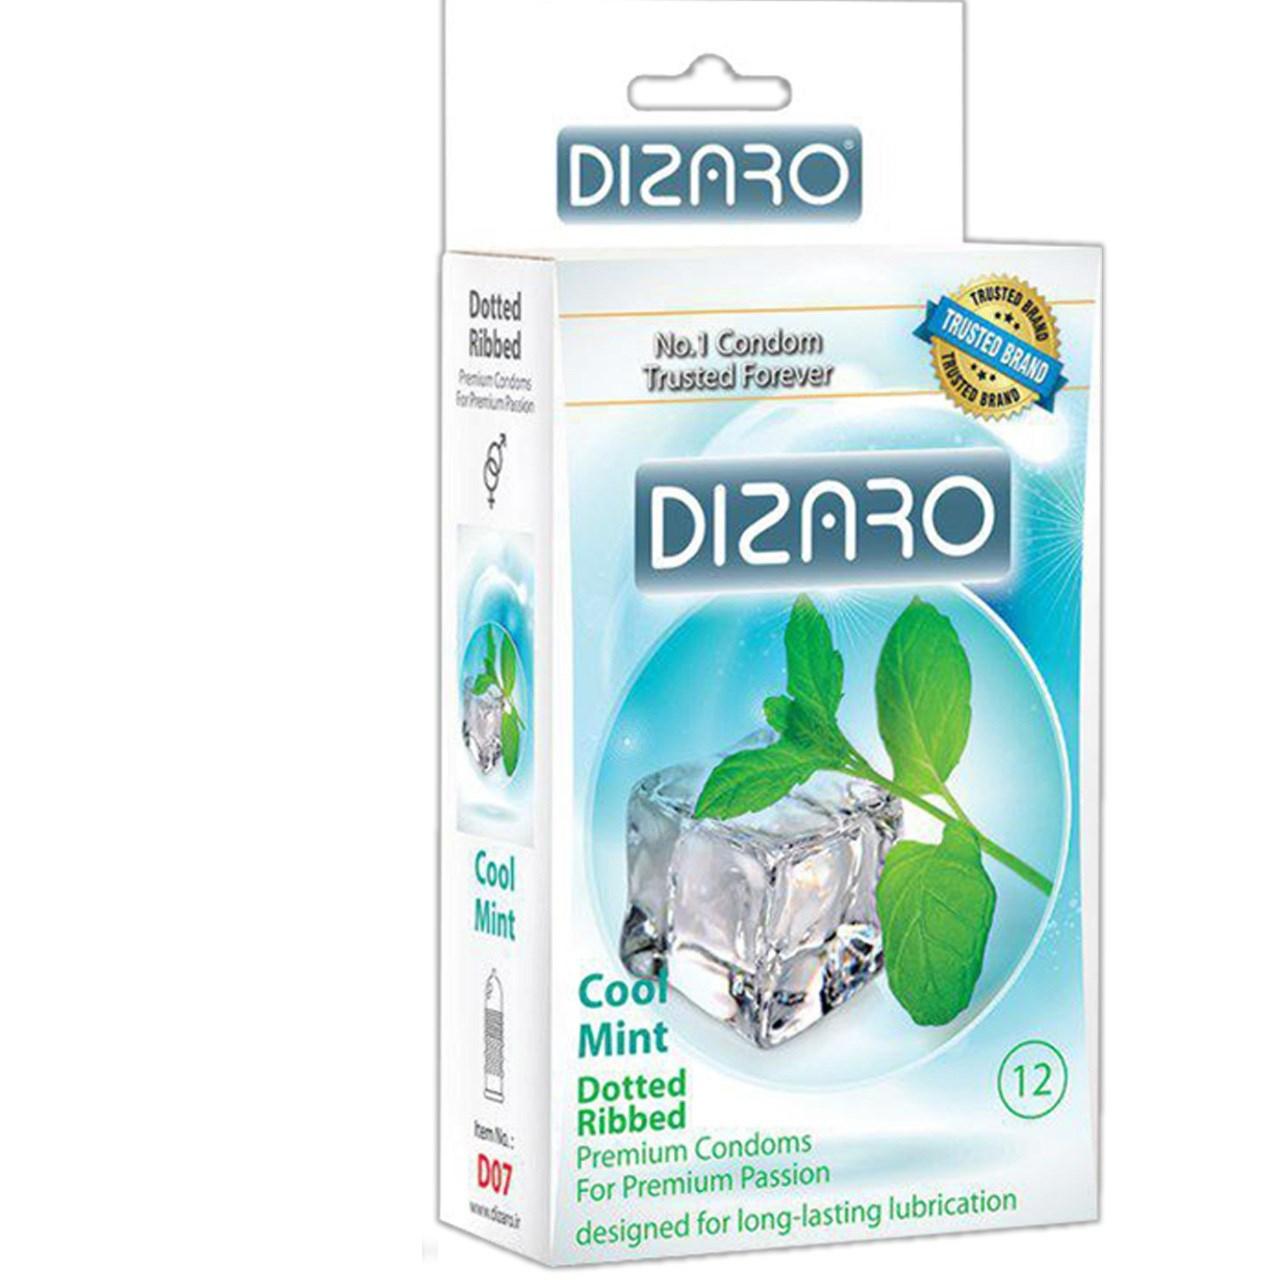 کاندوم دیزارو مدل DOTTED RIBBED COOL MINT کد D07 بسته 12 عددی